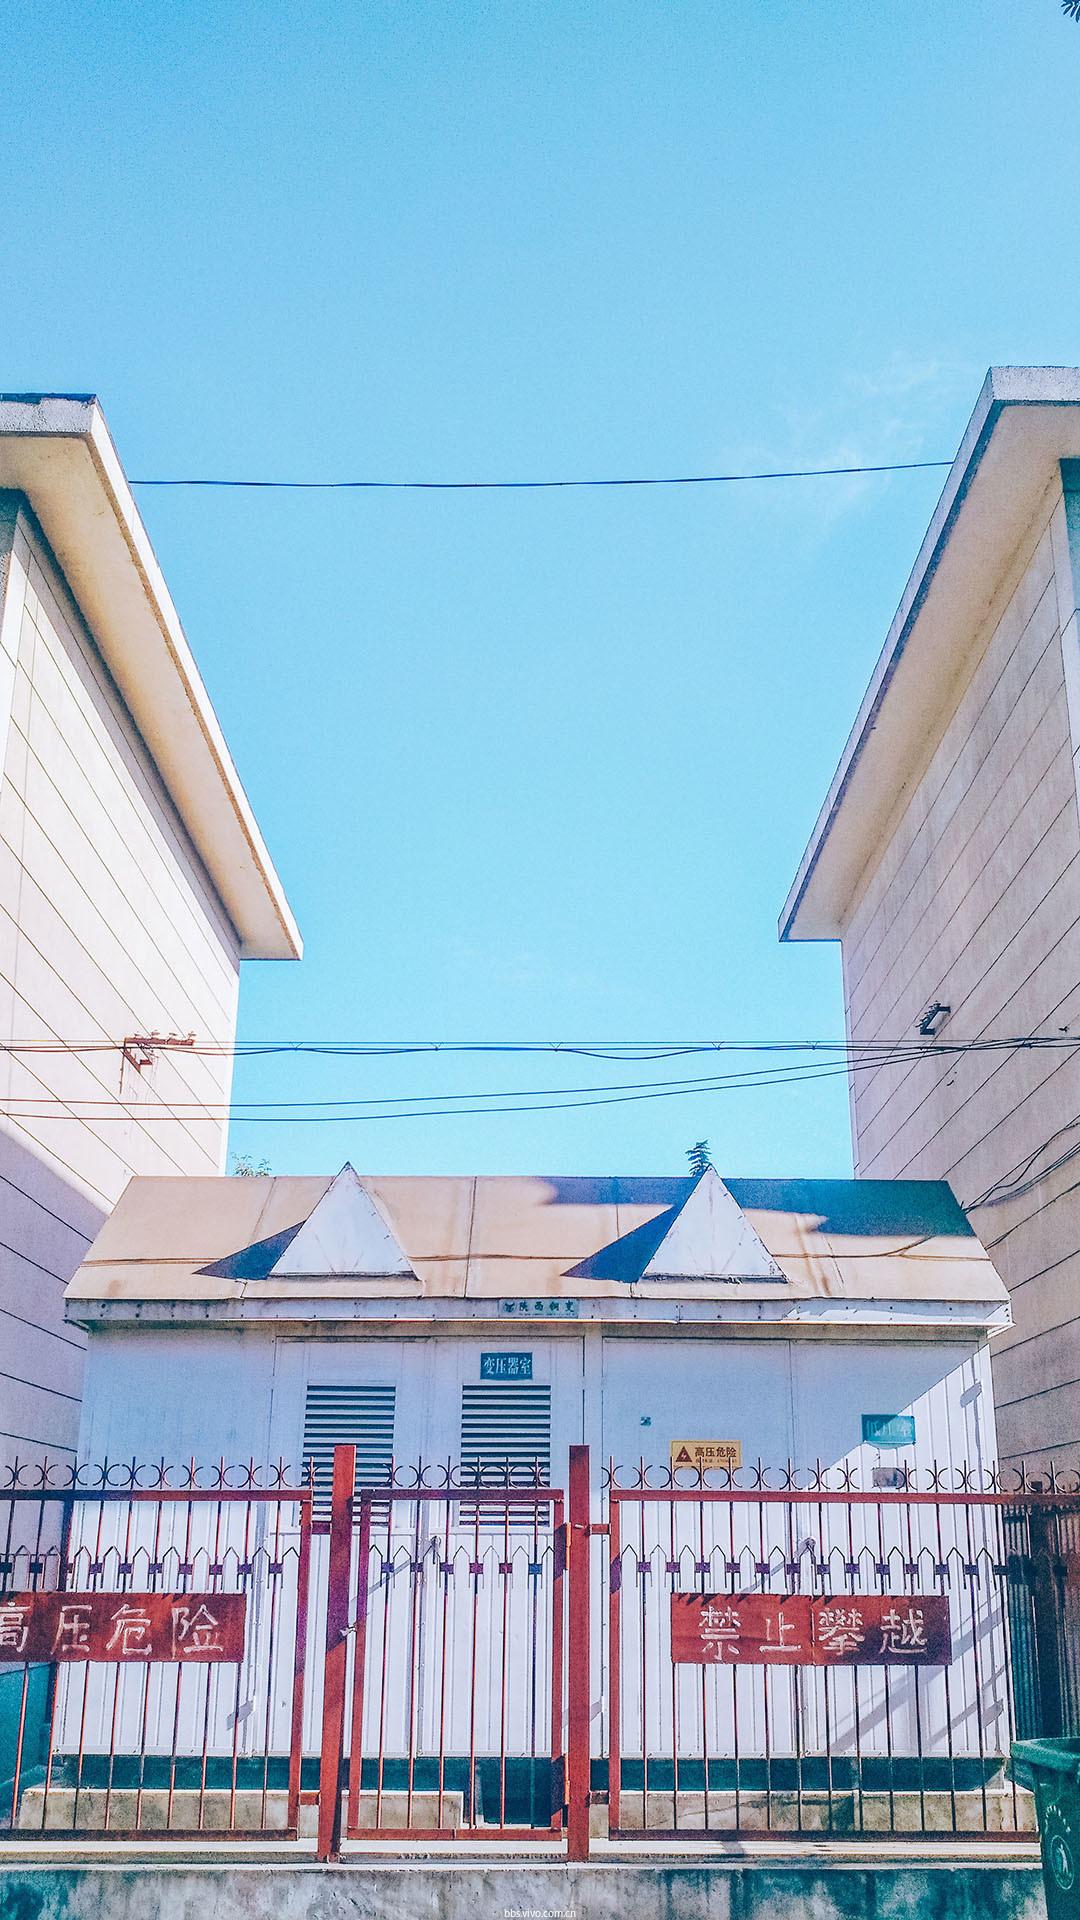 【v 粉主题素材壁纸】小清新唯美校园风景